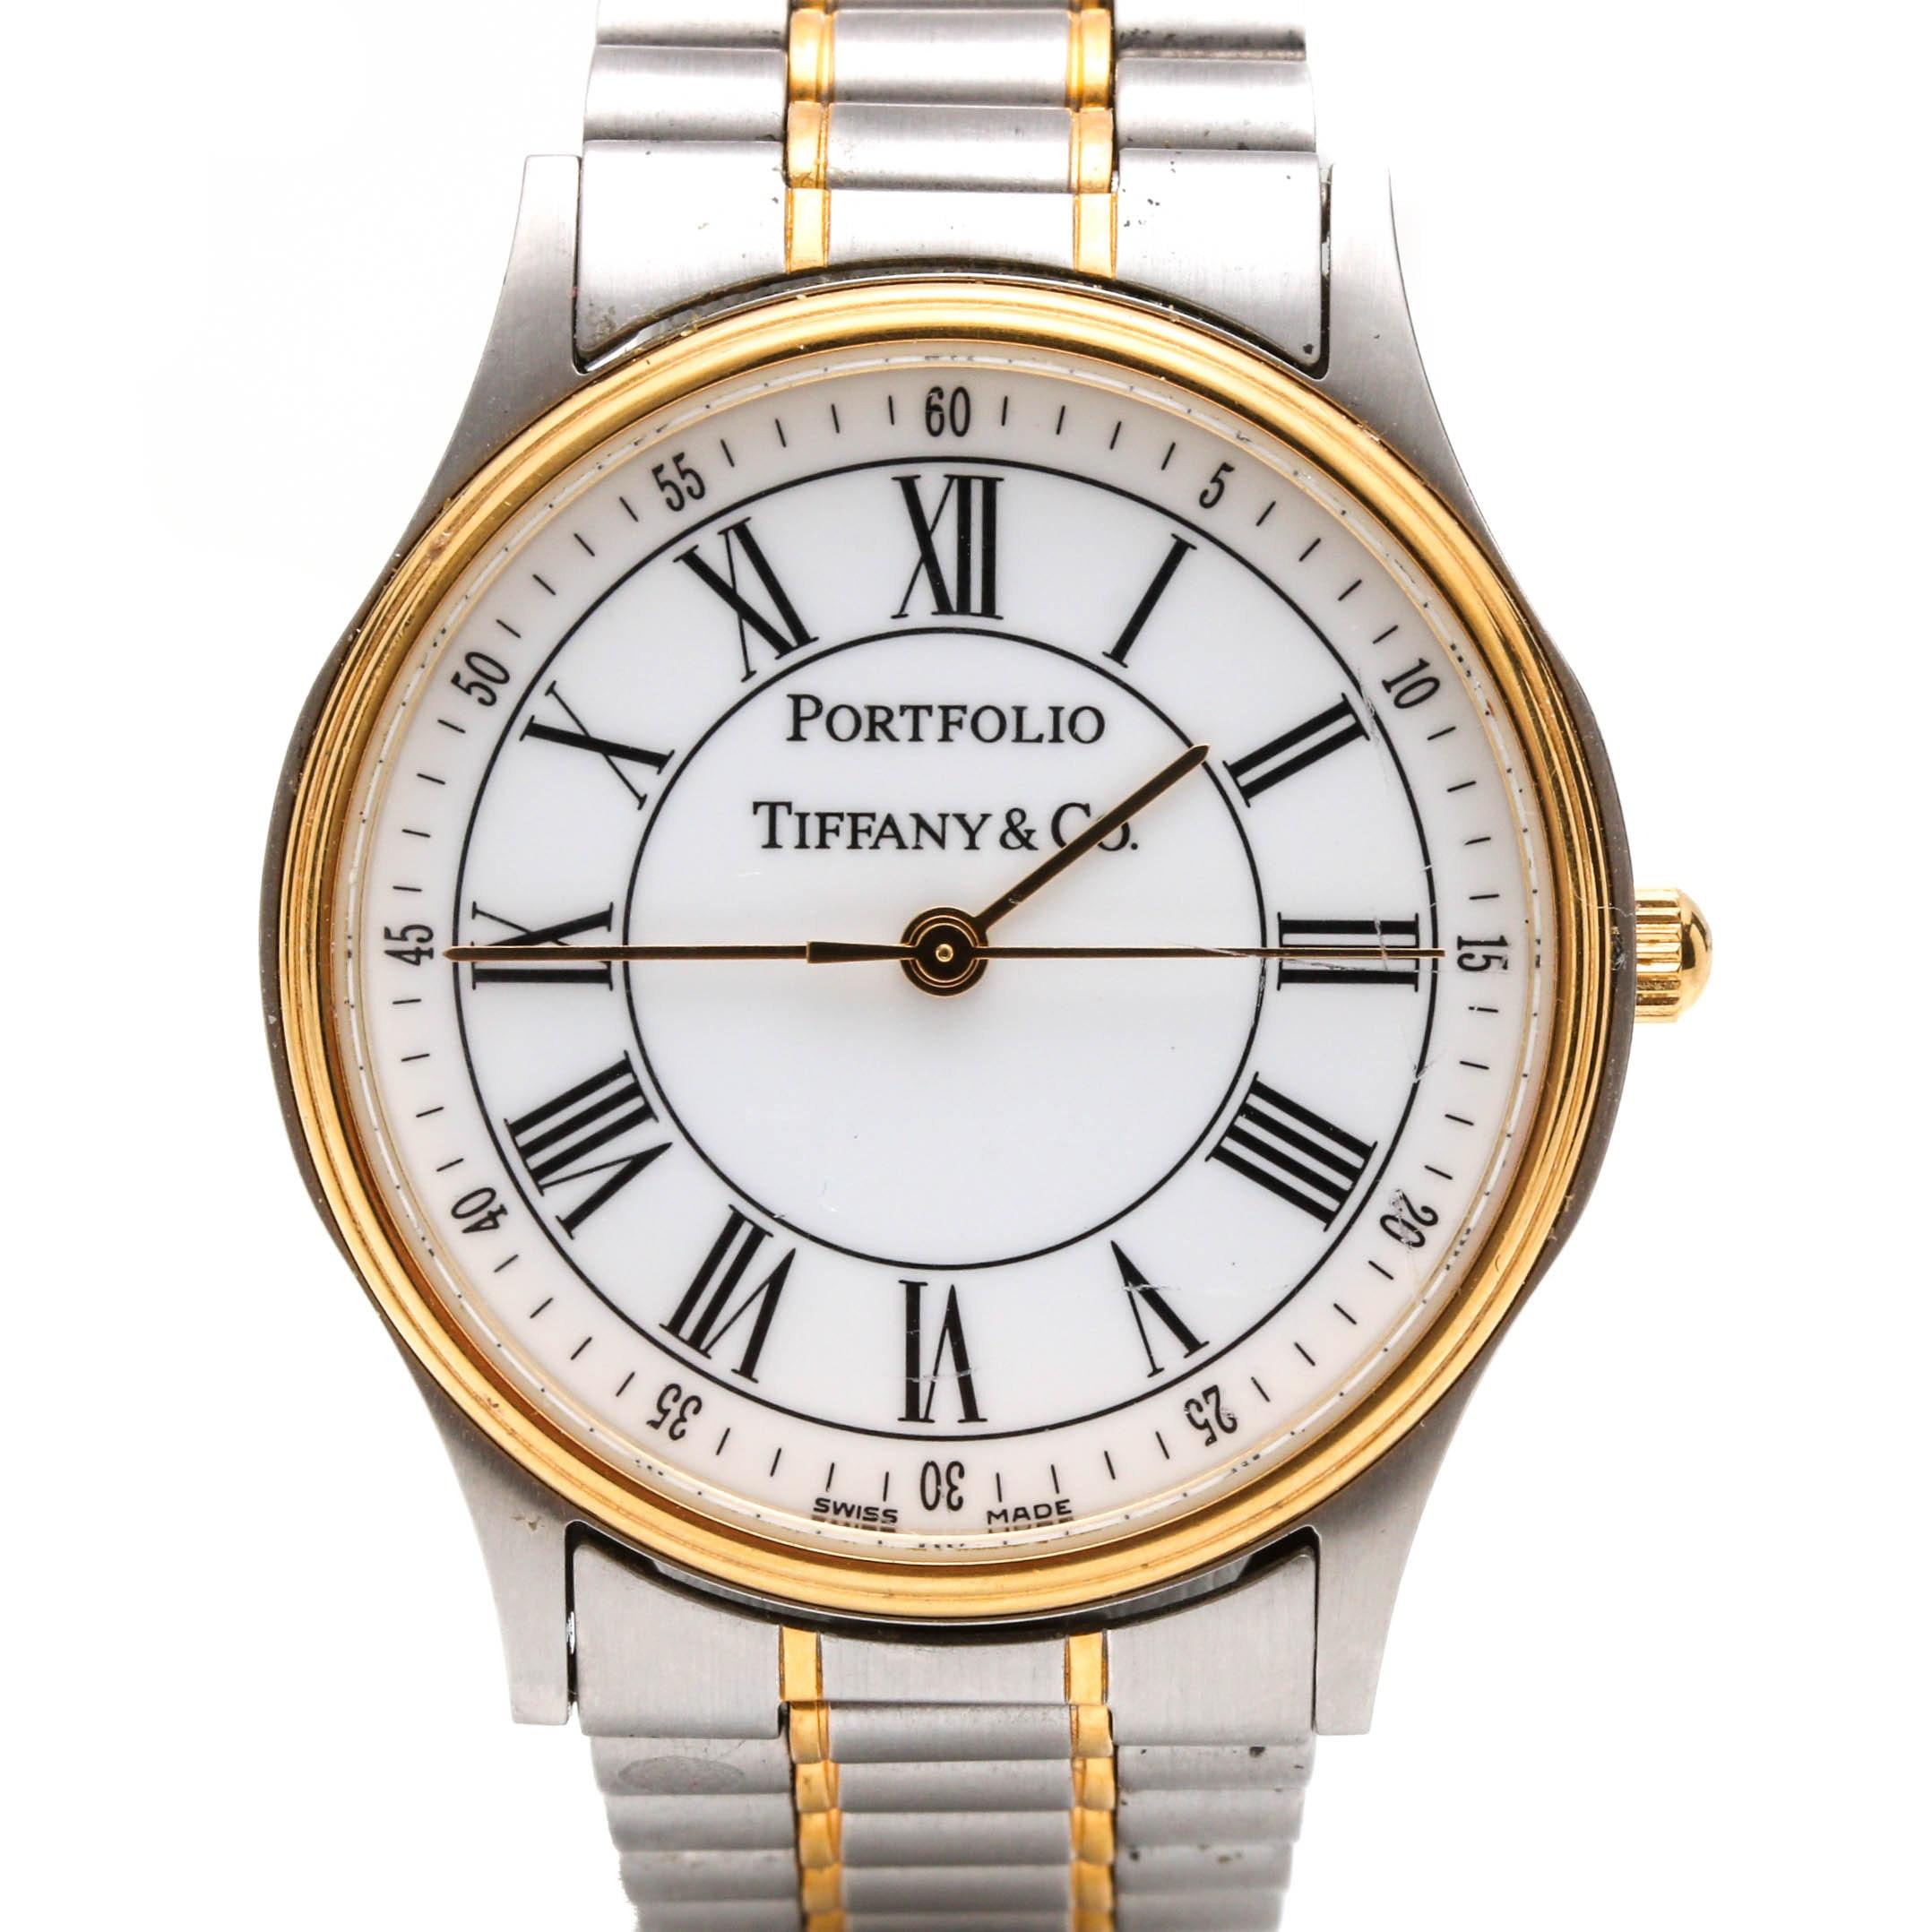 """Tiffany & Co. Stainless Steel """"Portfolio"""" Wristwatch"""